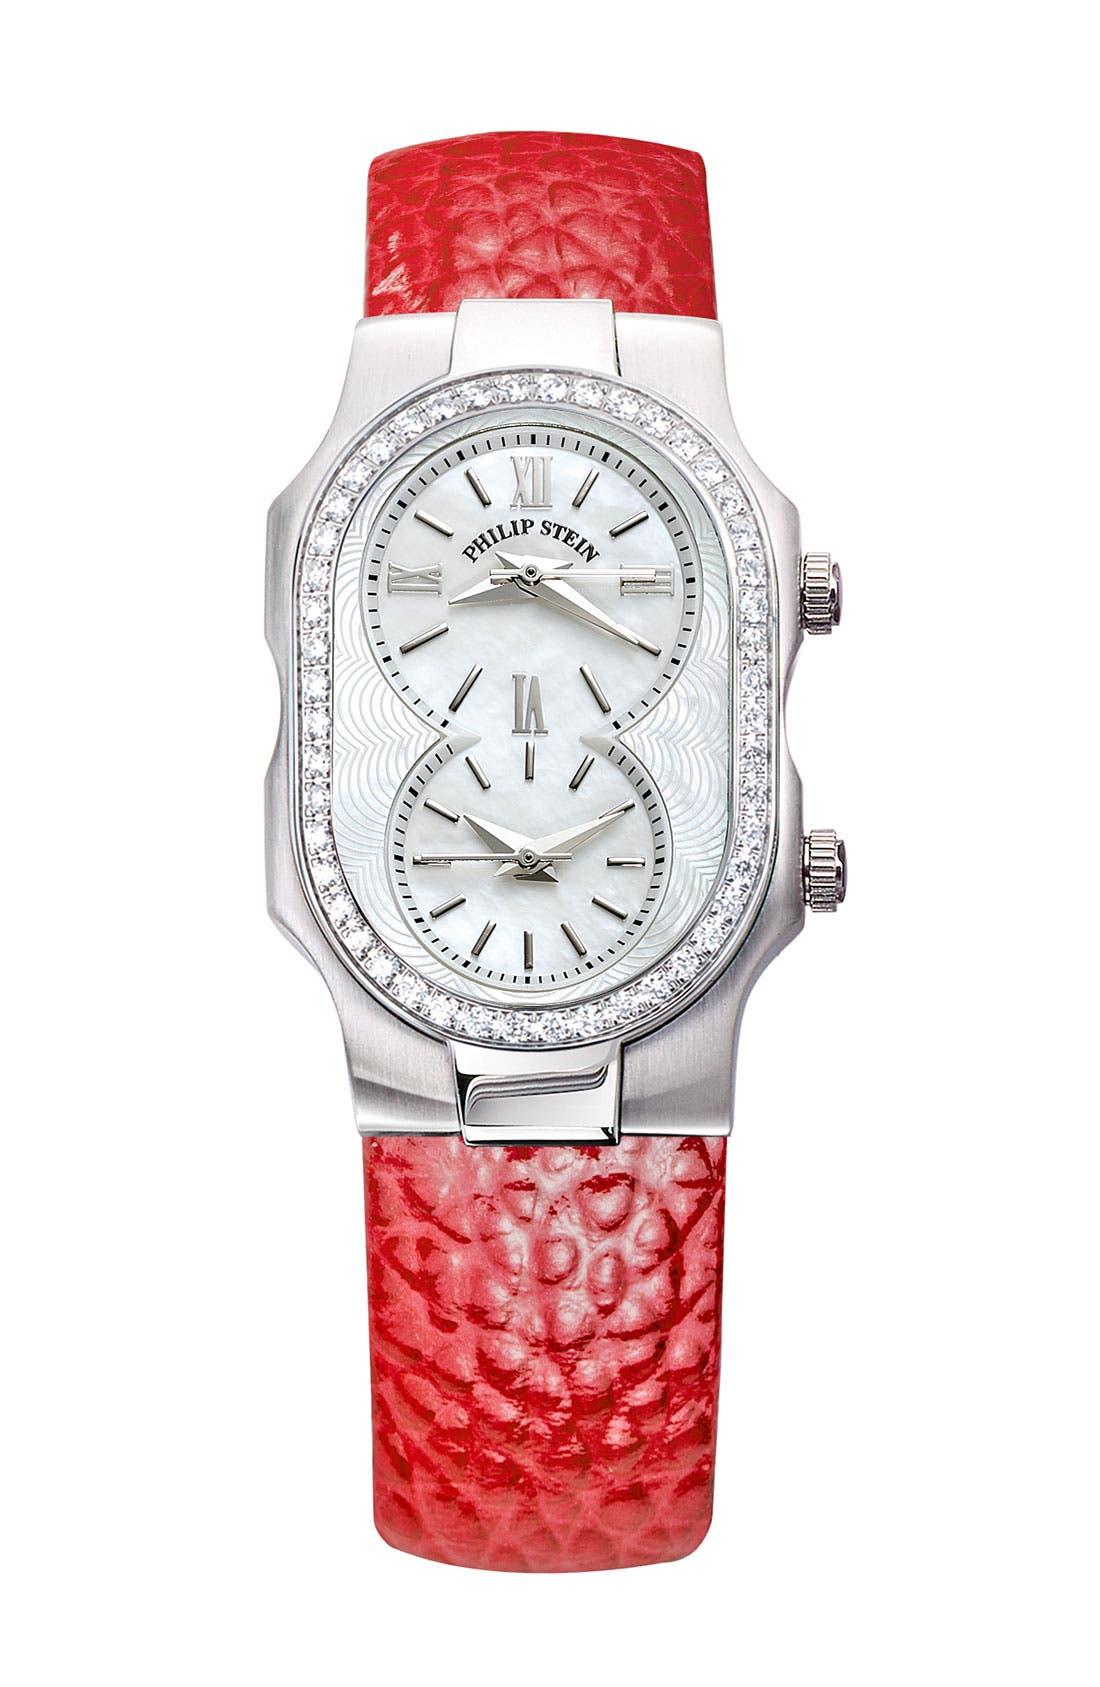 Main Image - Philip Stein® Customizable Watch